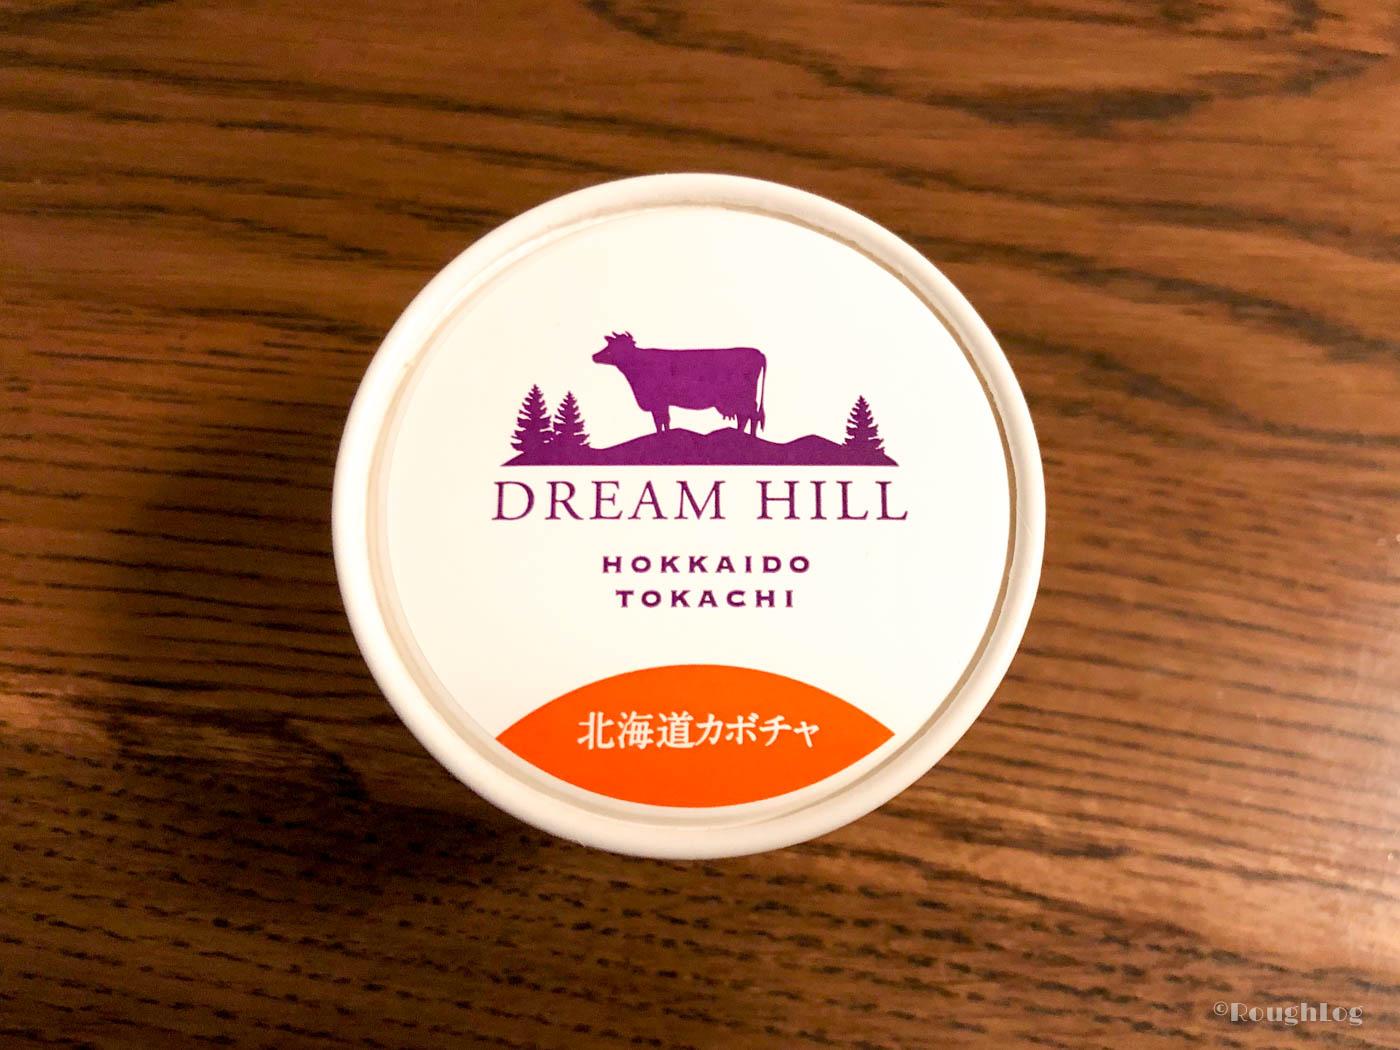 ドリームヒルのアイスクリーム北海道カボチャ味